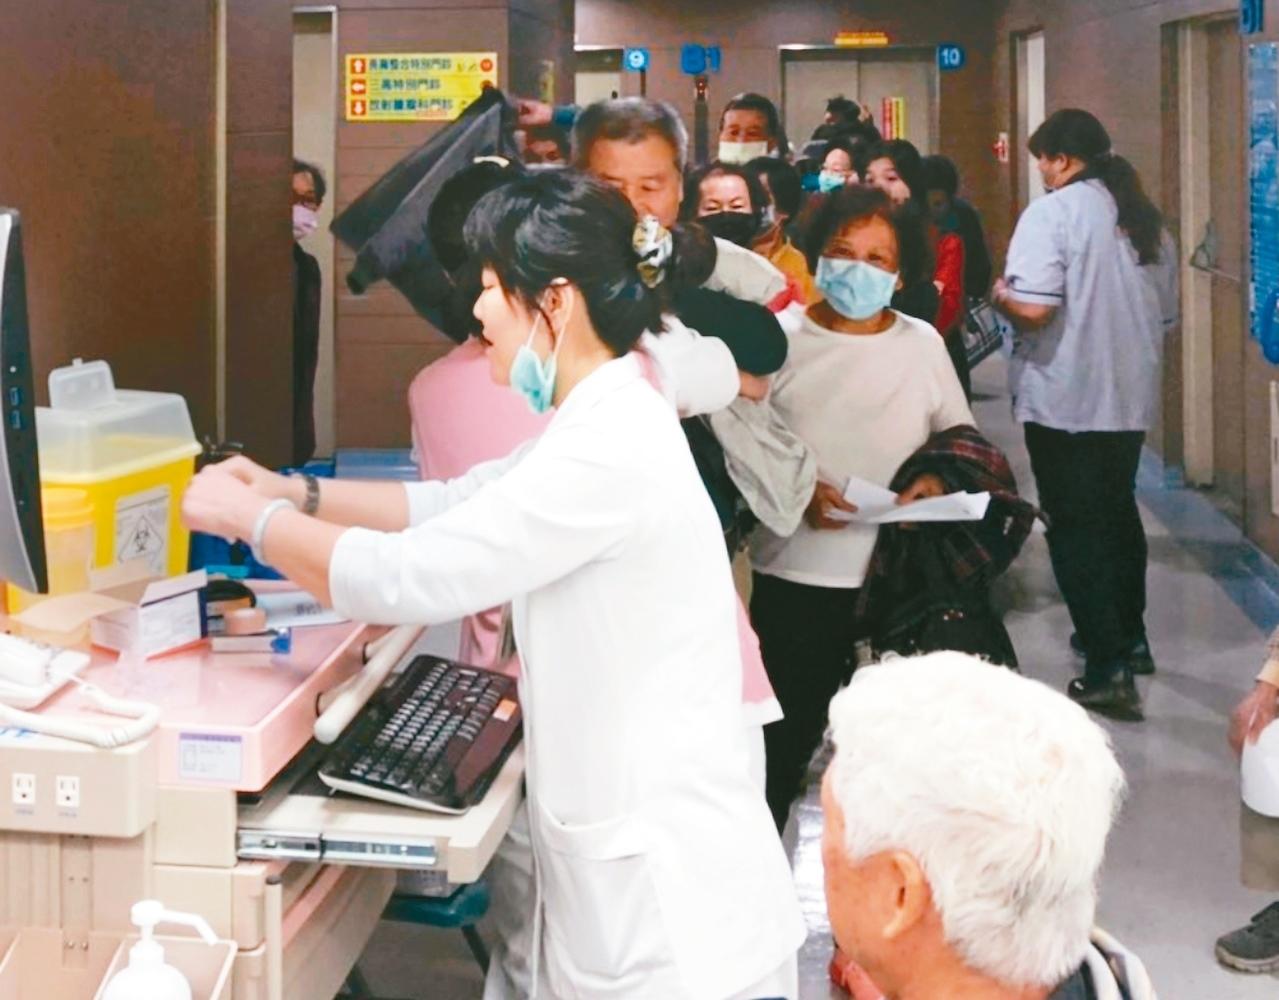 第二階段公費流感疫苗開打,長輩接種踴躍。 記者蔡容喬/攝影